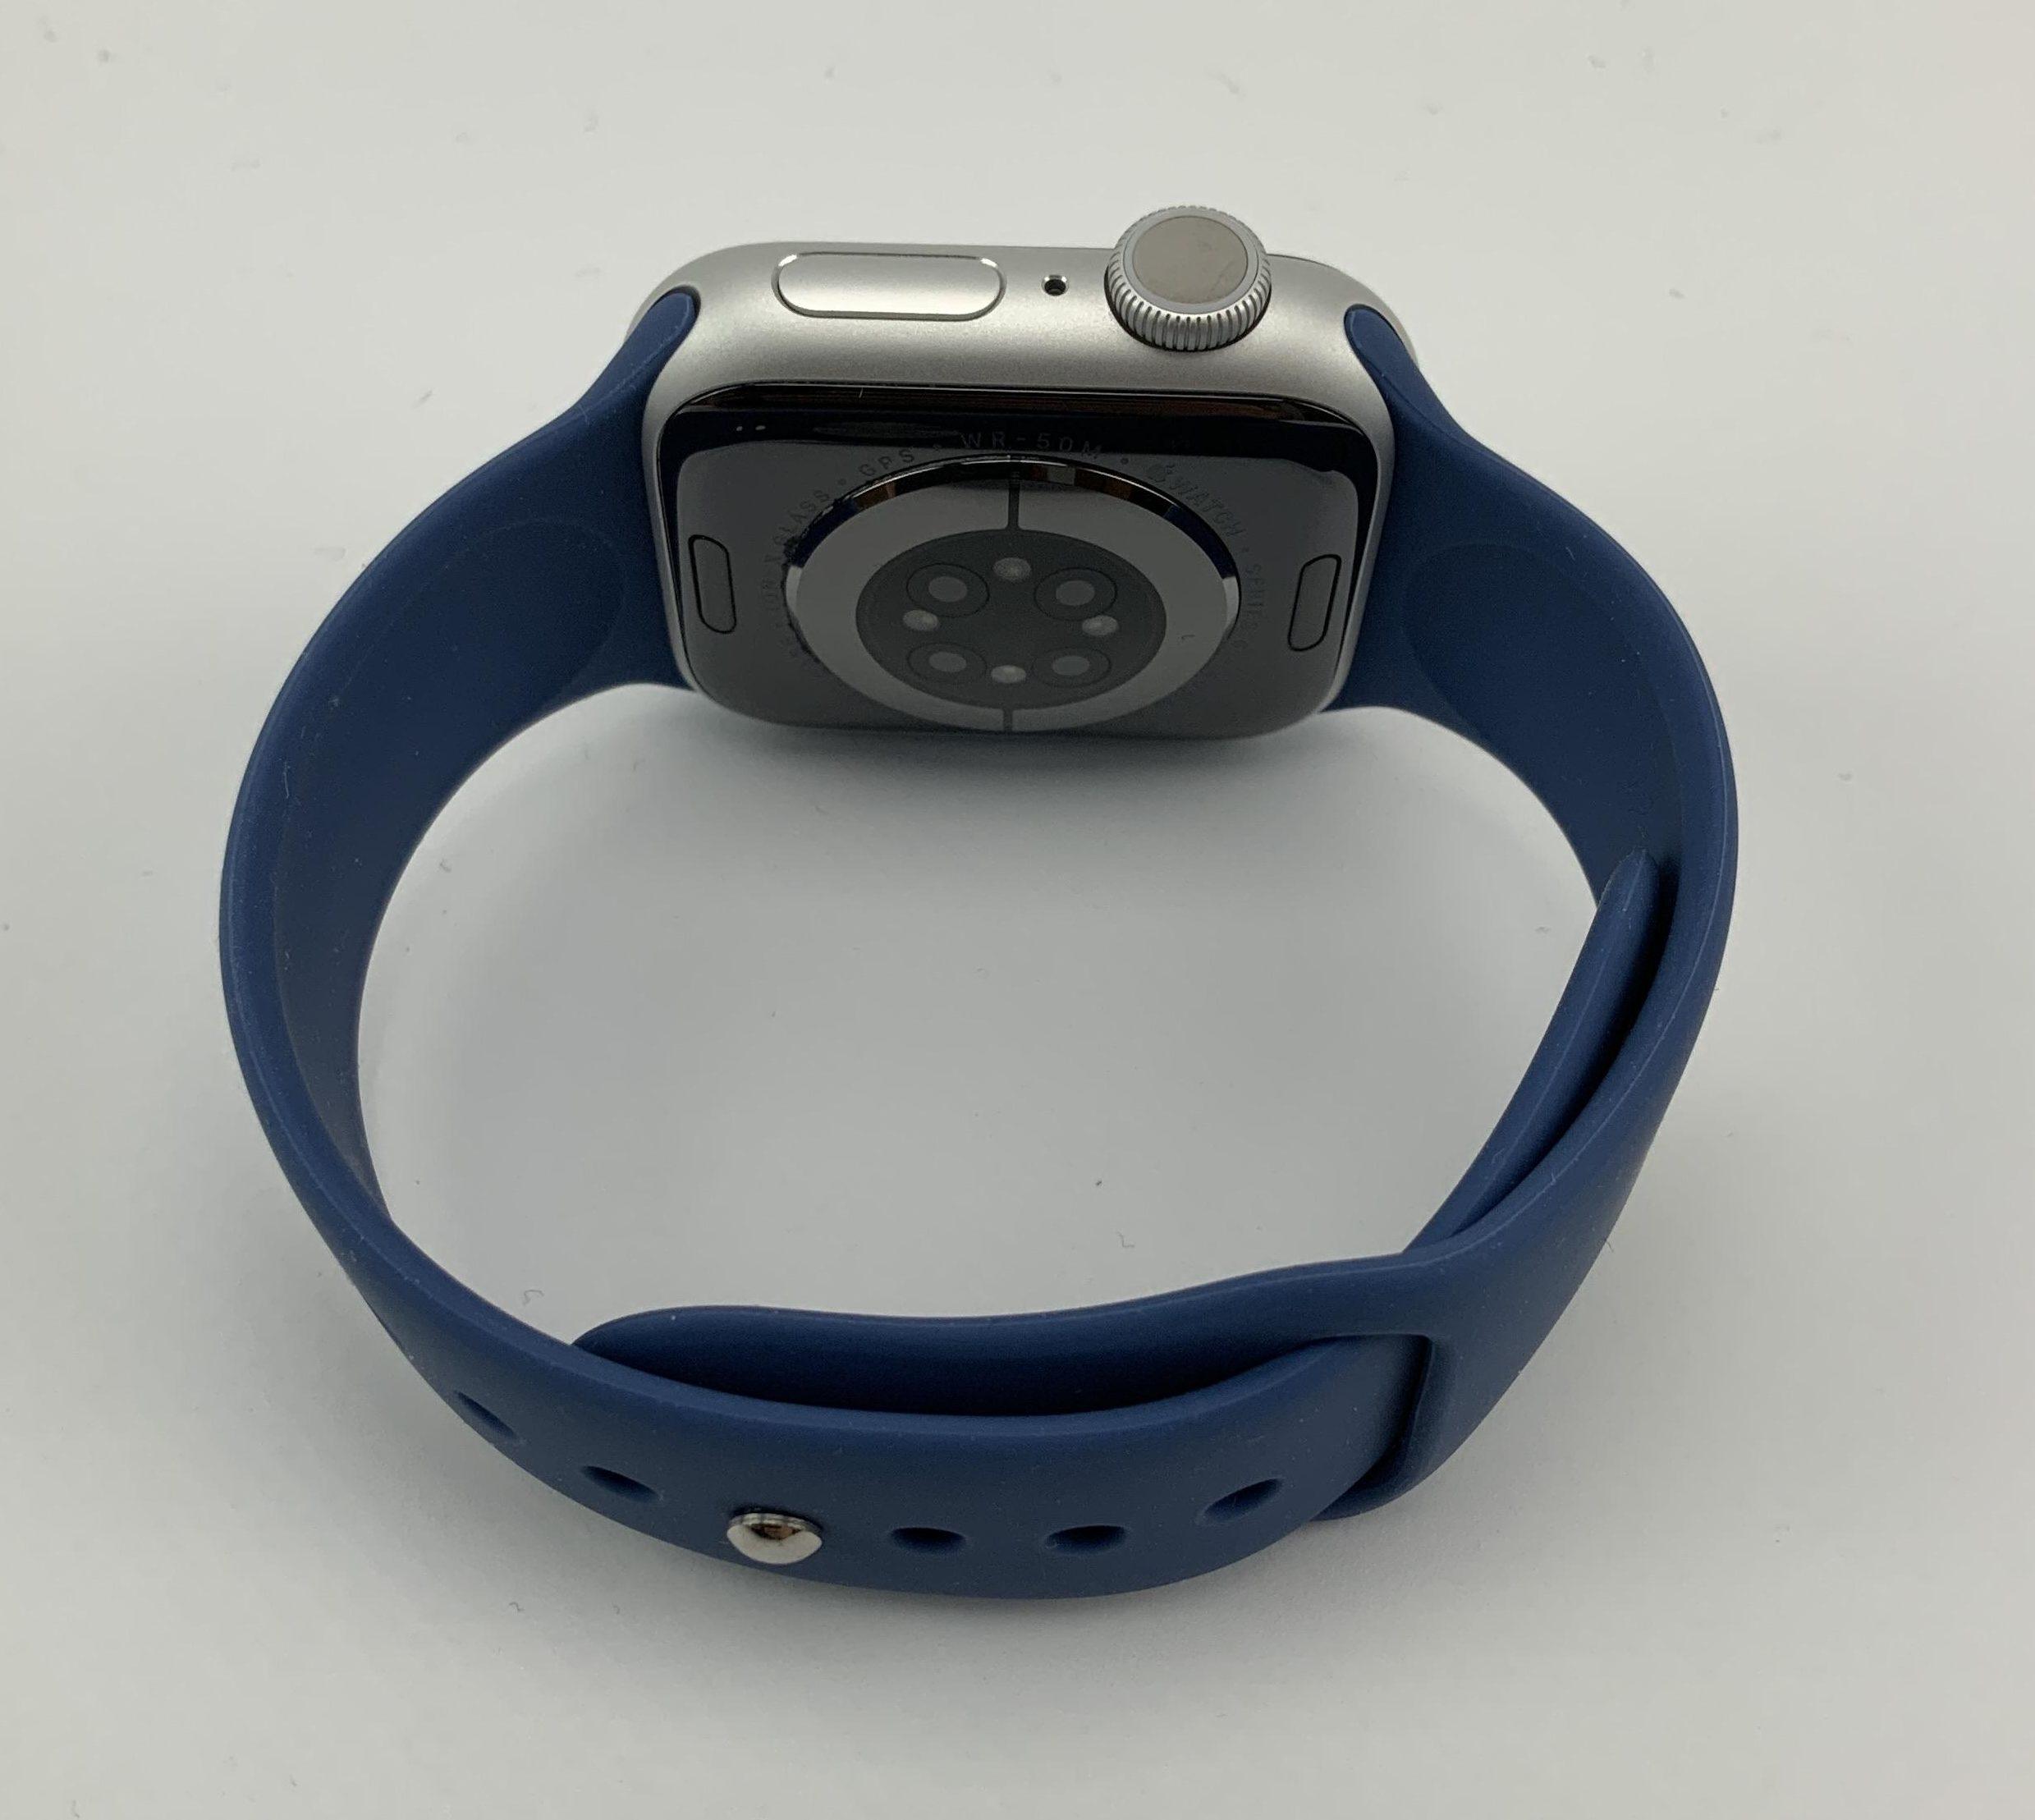 Watch Series 6 Aluminum (40mm), Silver, imagen 2